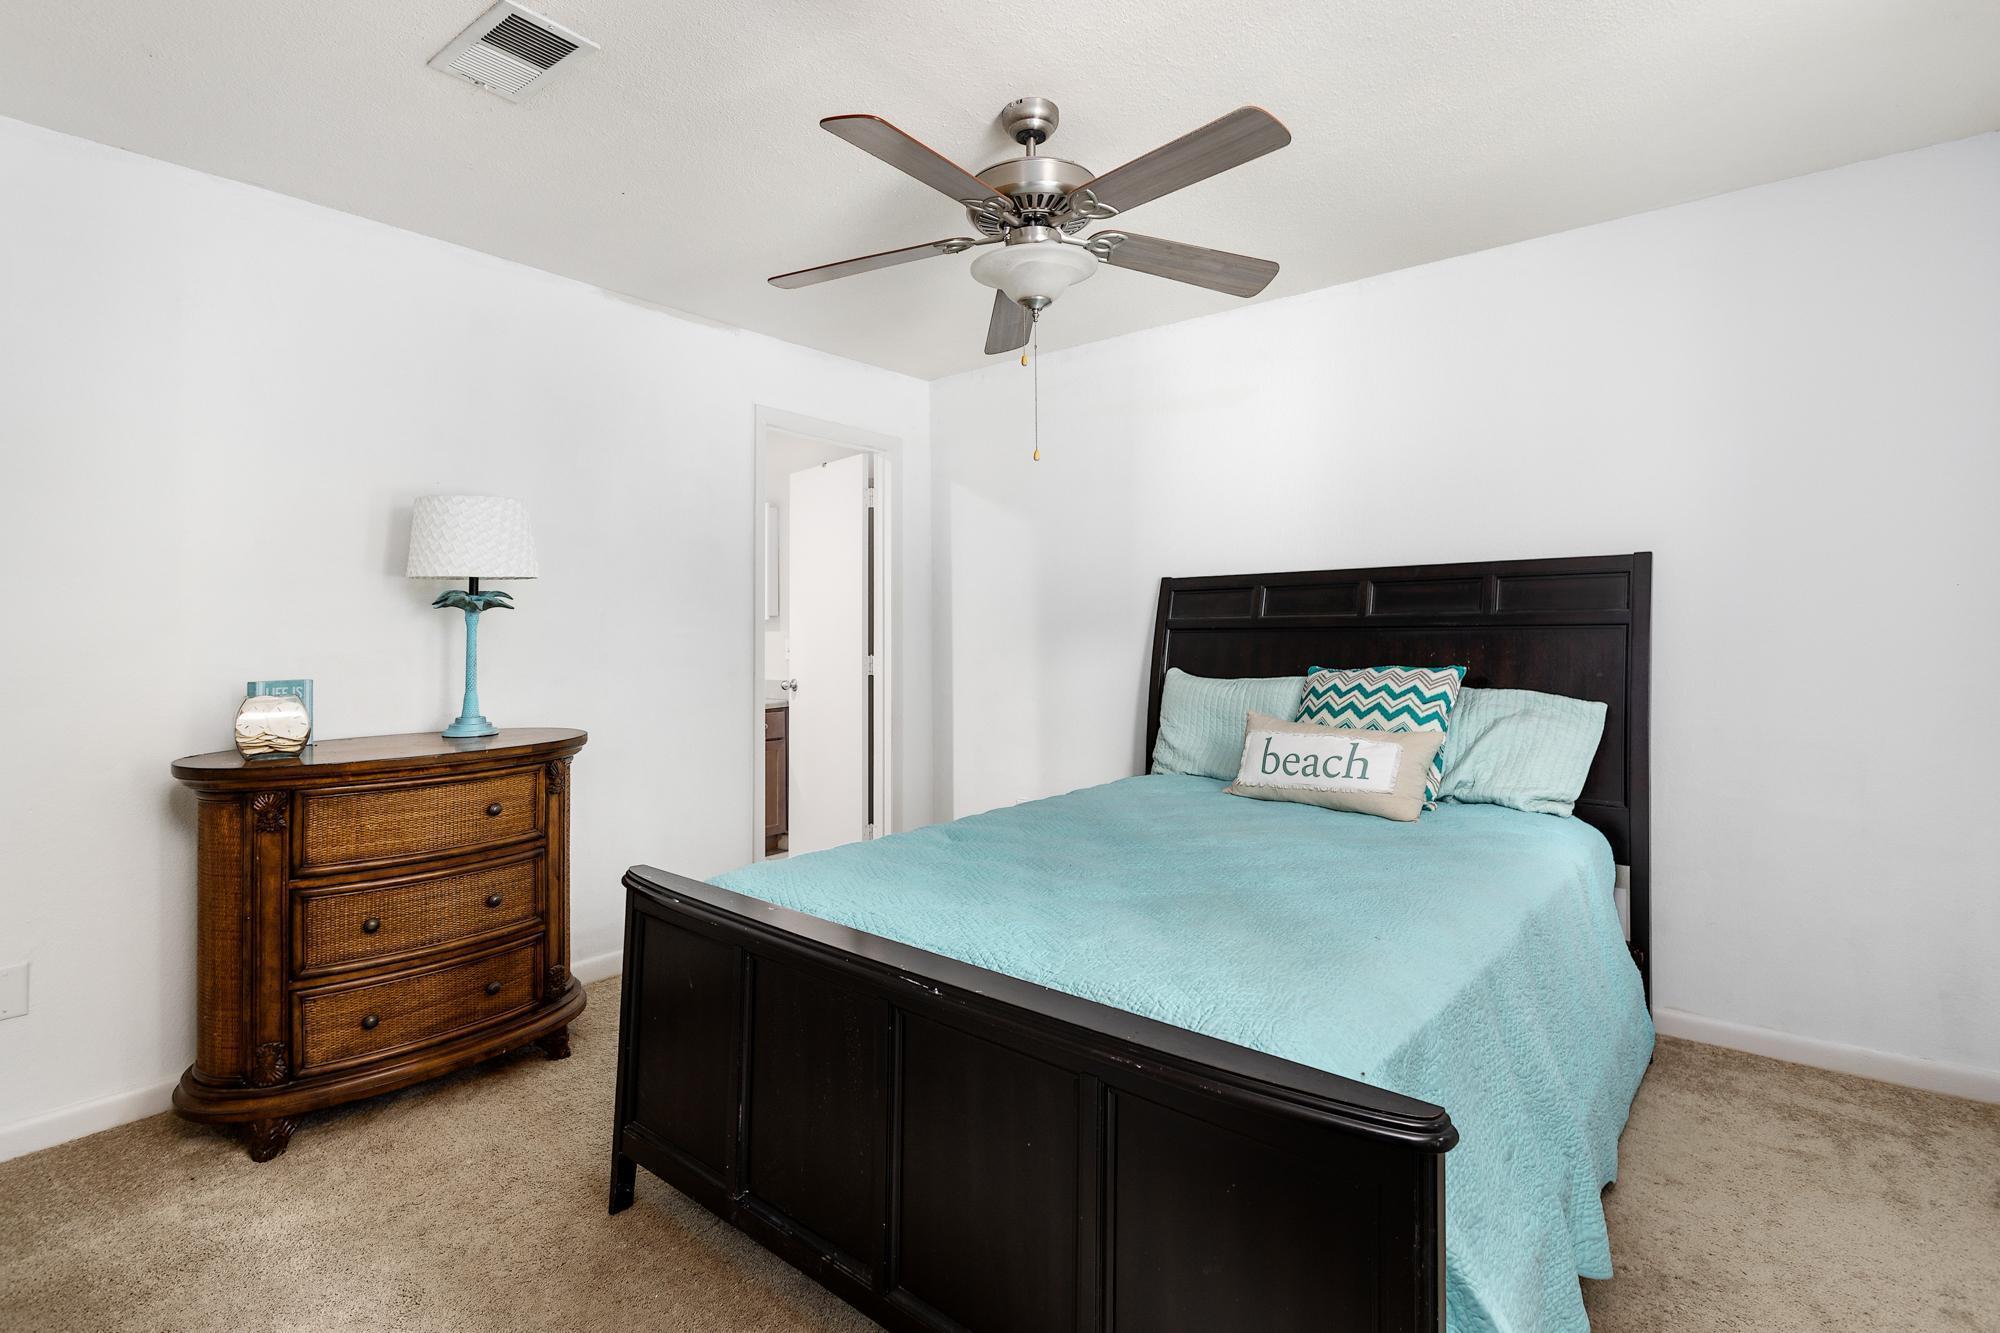 East Bridge Town Lofts Homes For Sale - 268 Alexandra, Mount Pleasant, SC - 4